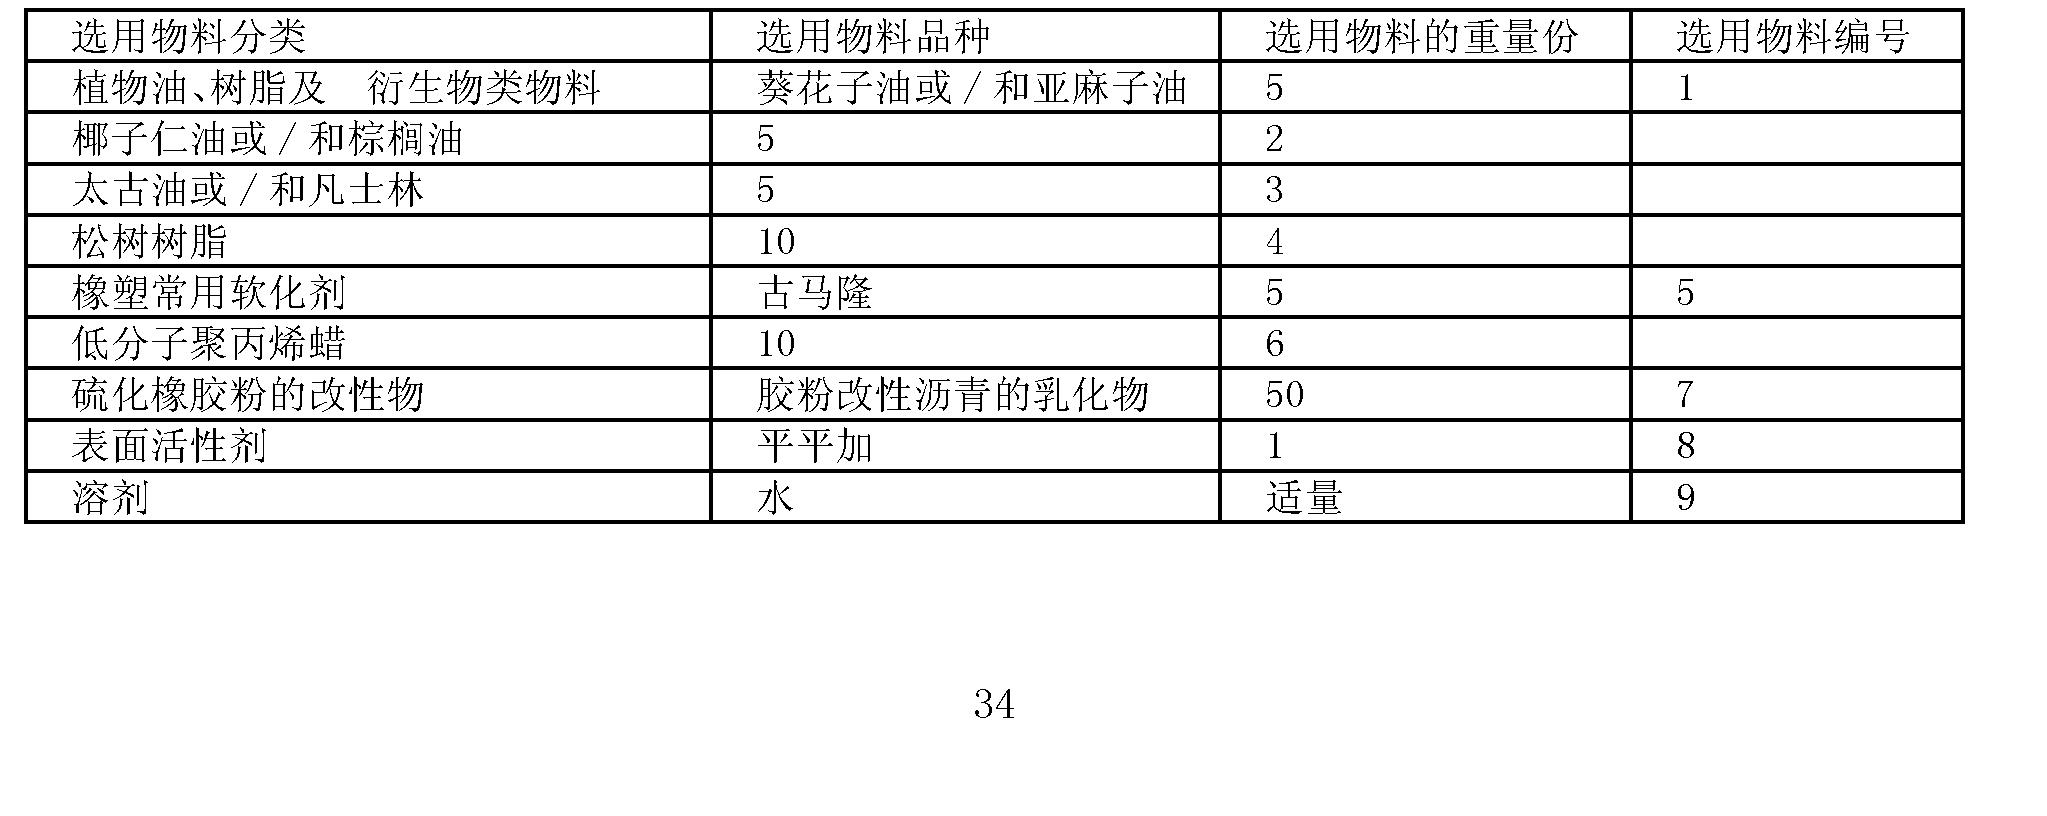 Figure CN101402745BD00343